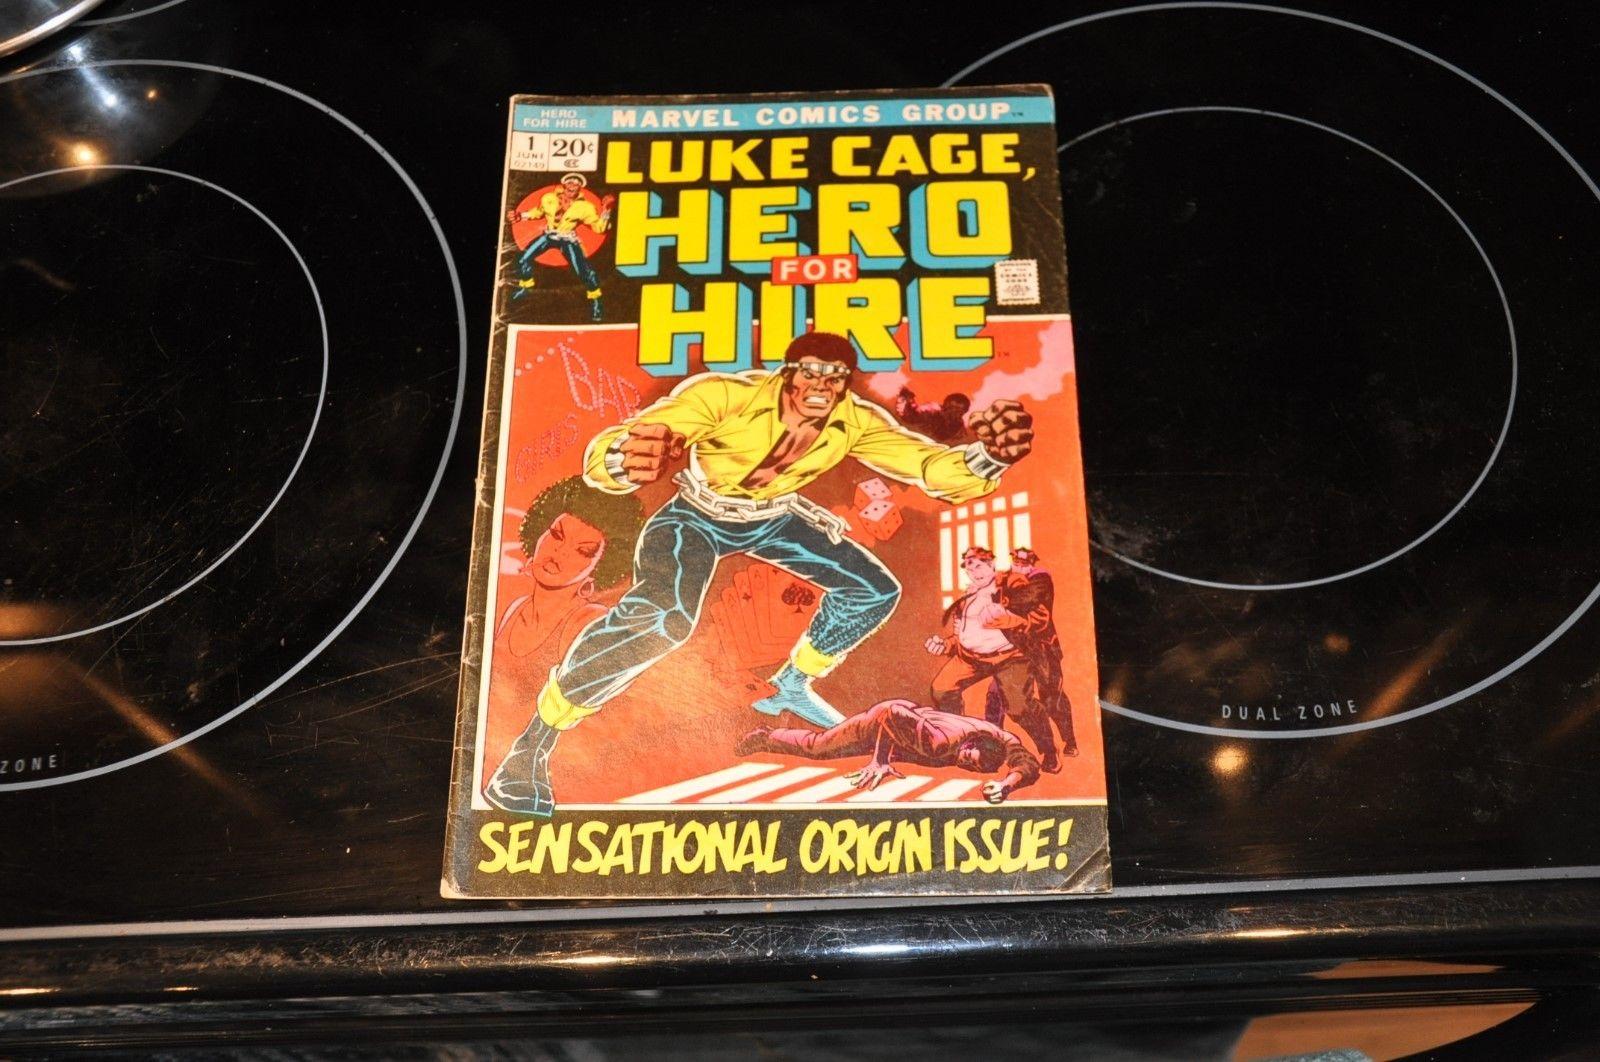 Luke Cage, Hero for Hire #1 (Jun 1972, Marvel)  Sensational origin issue VG